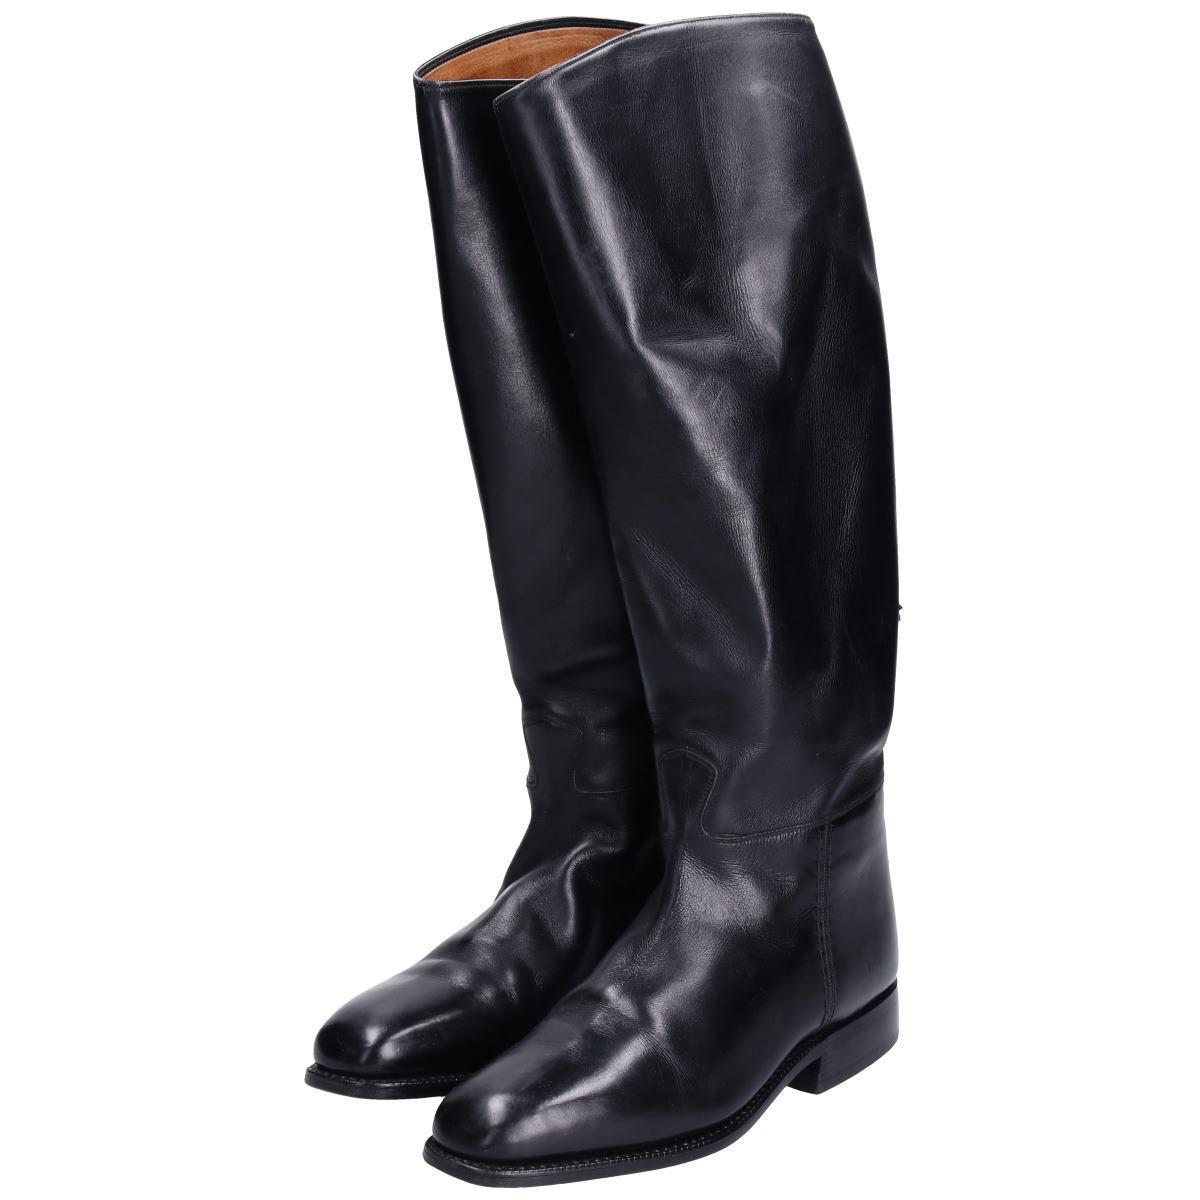 カバロ Cavallo ジョッキー乗馬ブーツ 7 メンズ25.0cm /bop6627 【中古】 【190920】